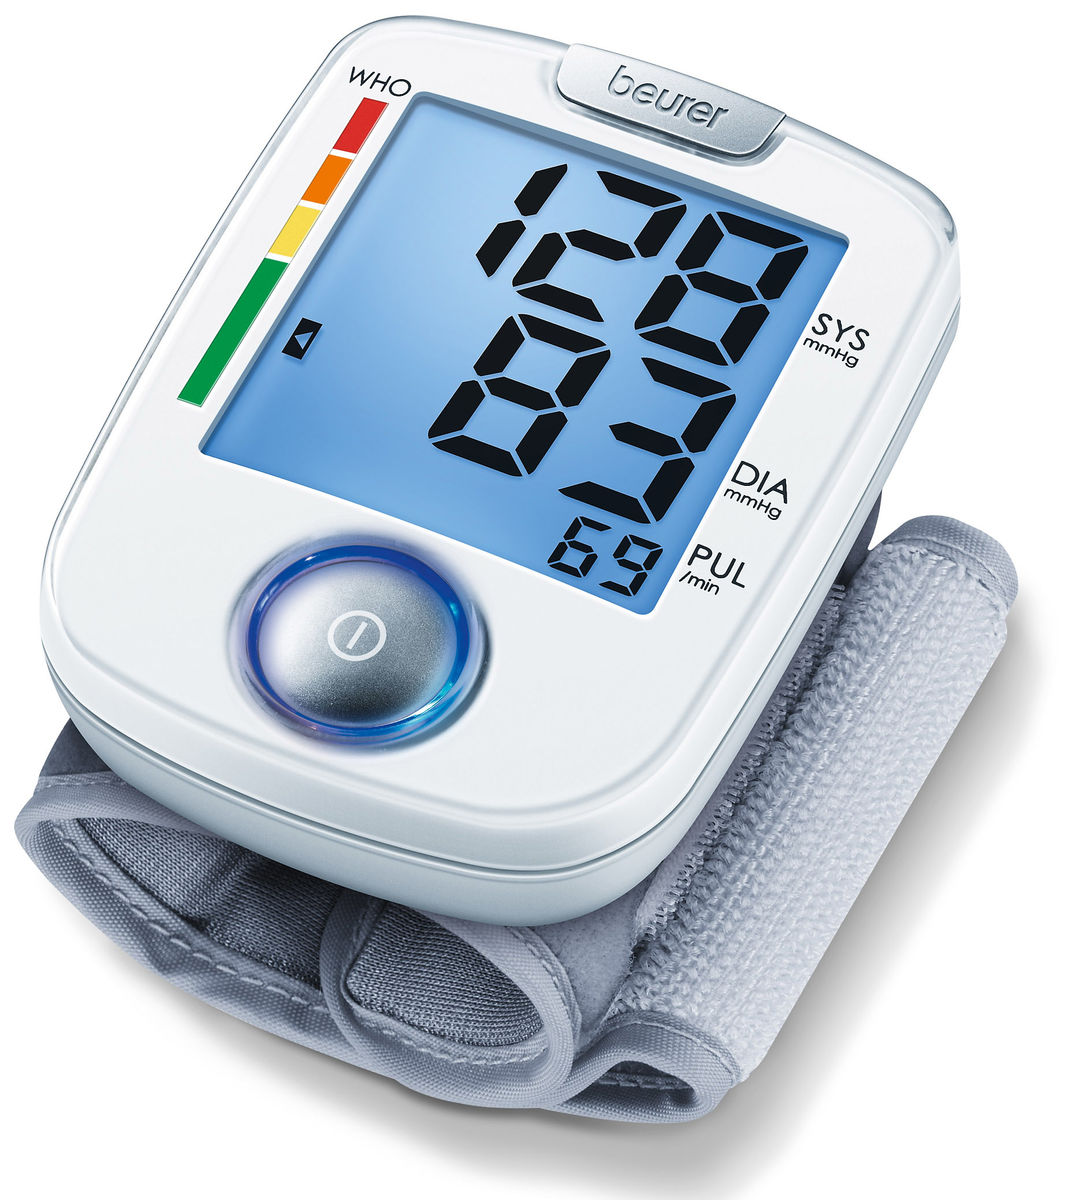 Image of Beurer BC44 Blutdruckmessgerät weiss